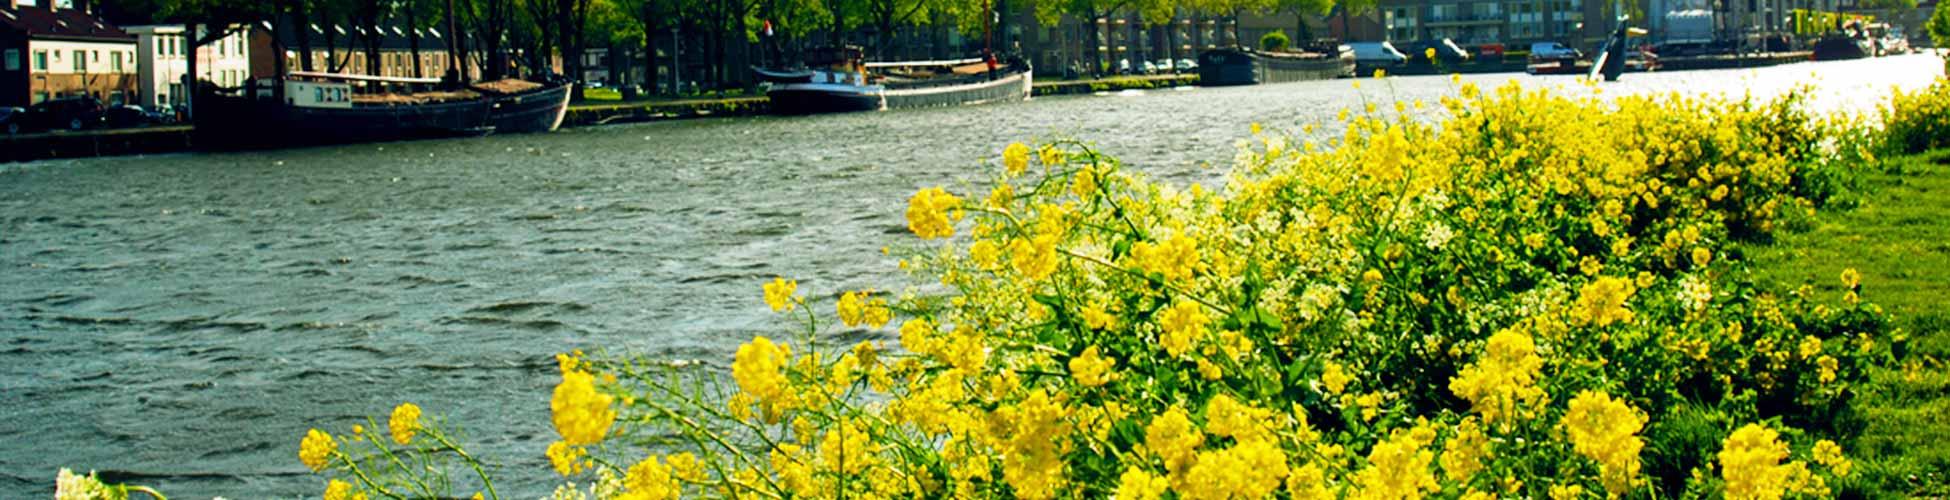 slider_4-aquafun4you_waterfiets_prijs_goedkoop_piushaven_tilburg_dagje_uit_op_het_water